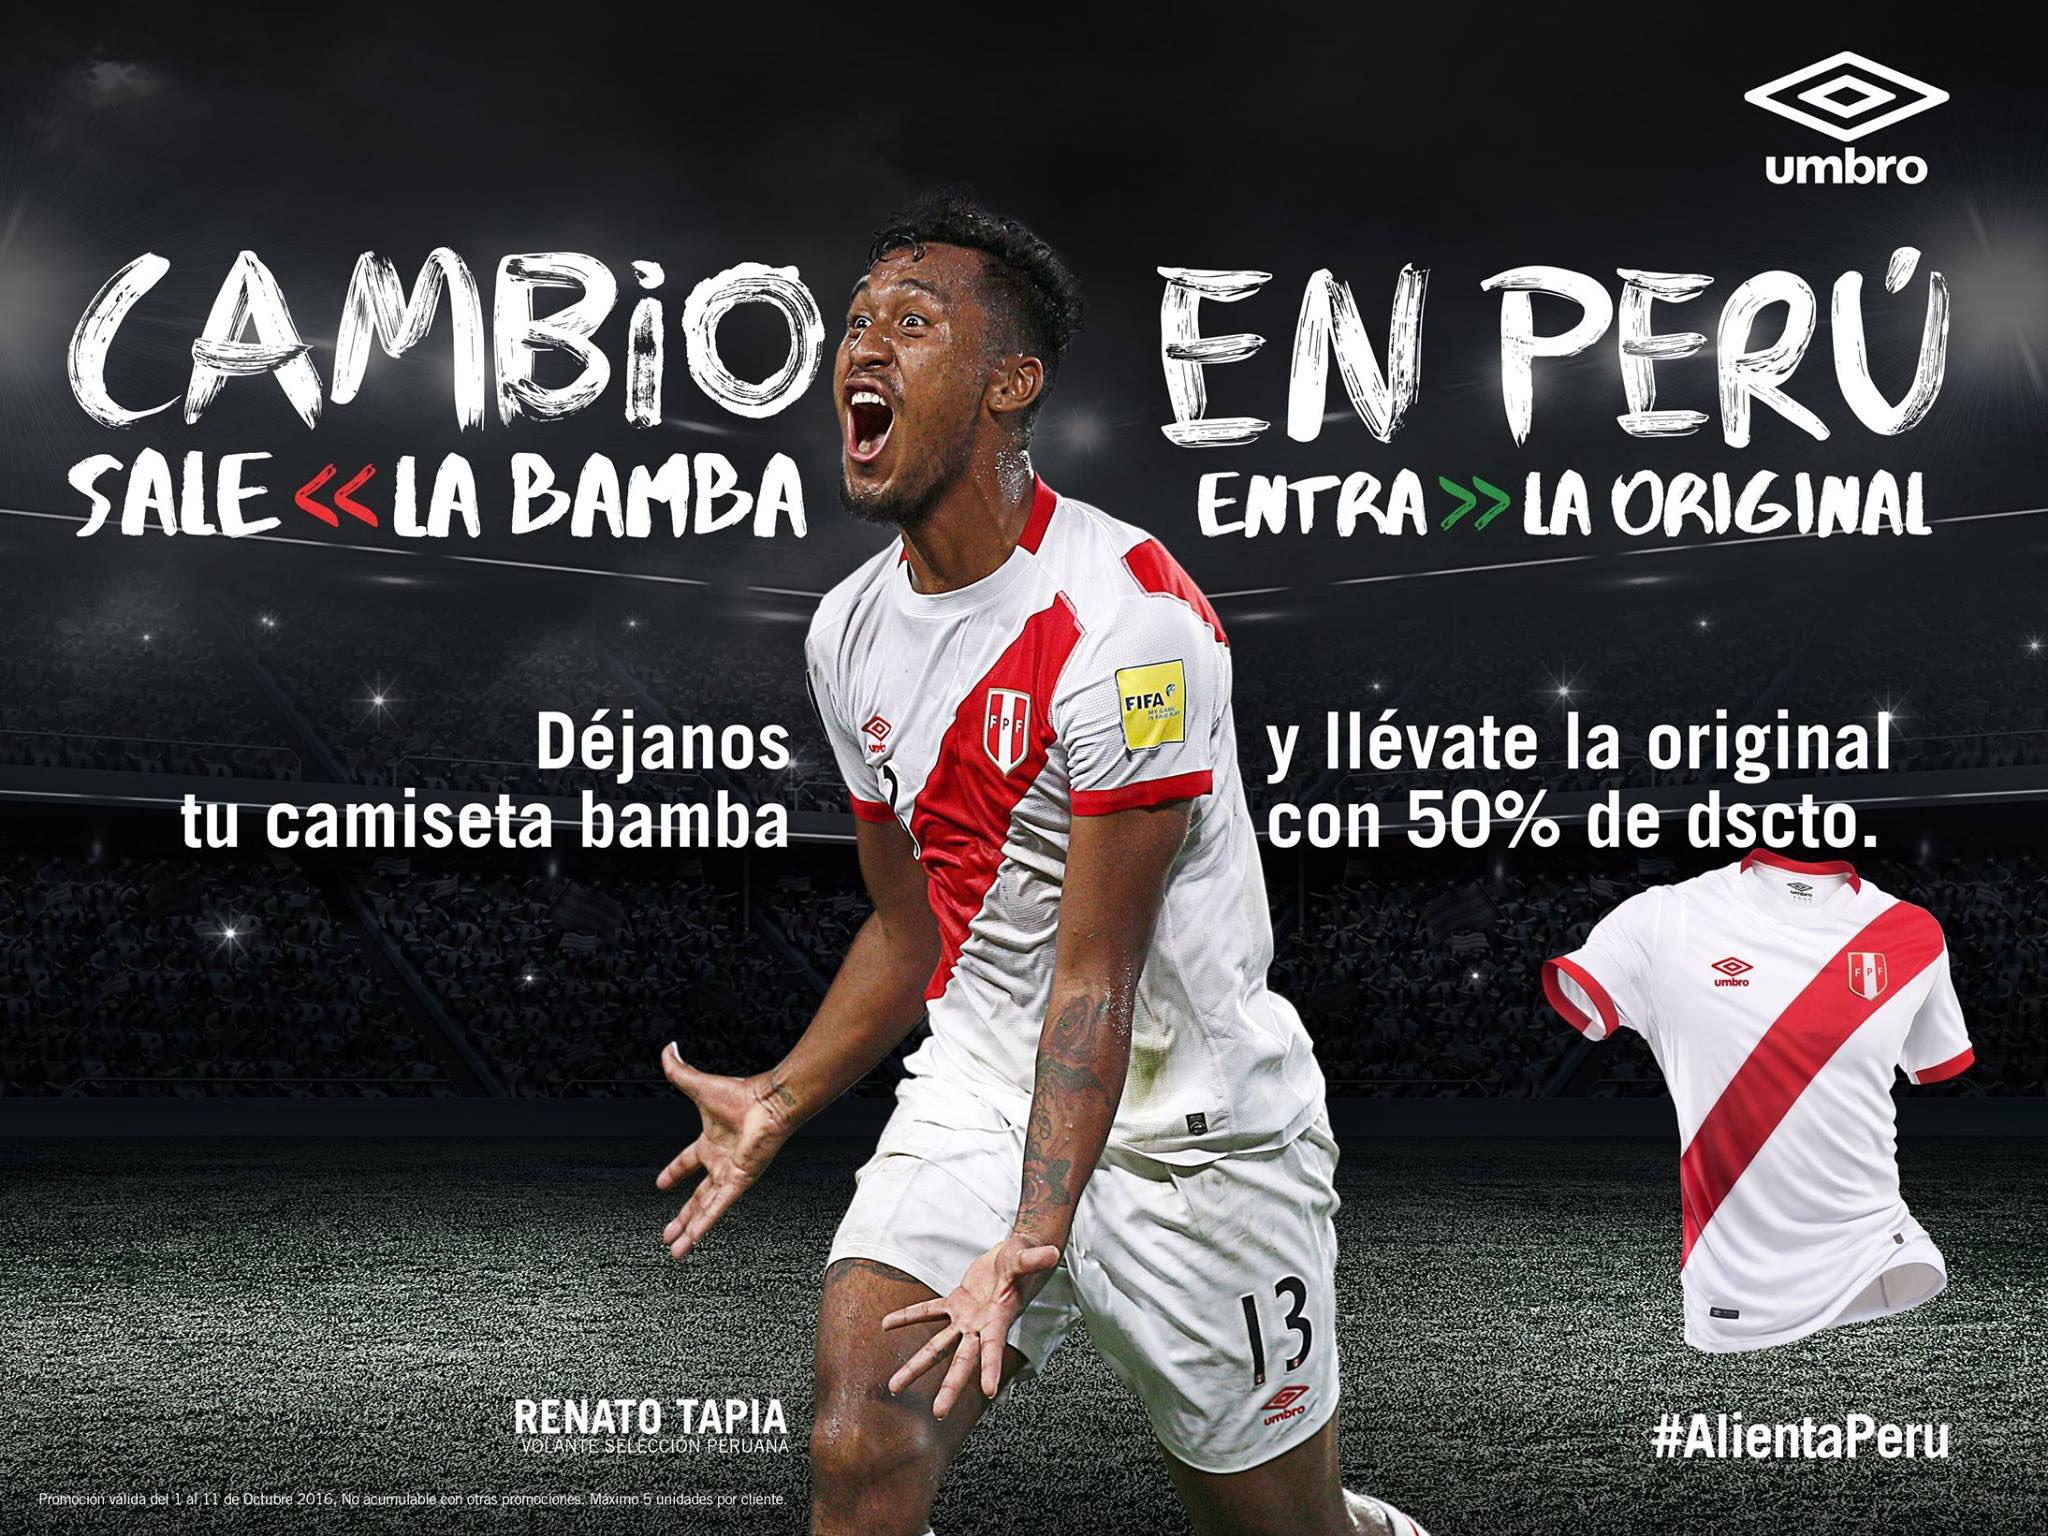 Perú cambia las imitaciones de su camiseta por las originales a mitad de precio